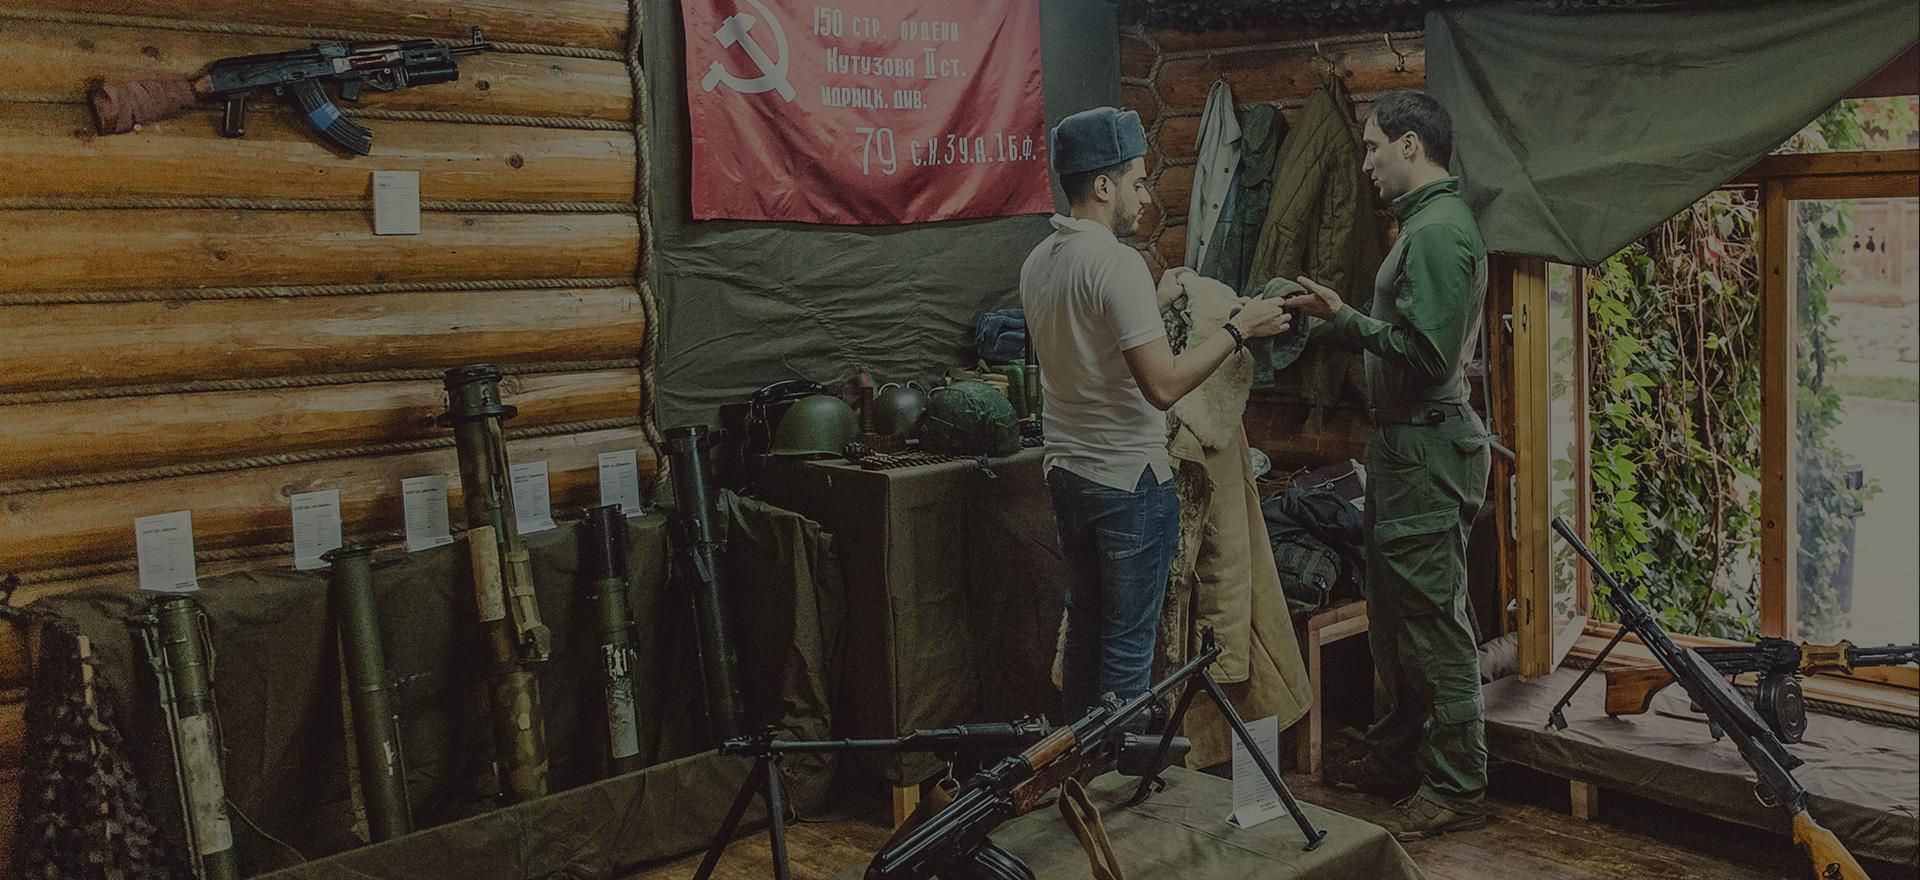 МУЗЕЙ ОРУЖИЯ ★ - Первый интерактивный музей стрелкового оружия